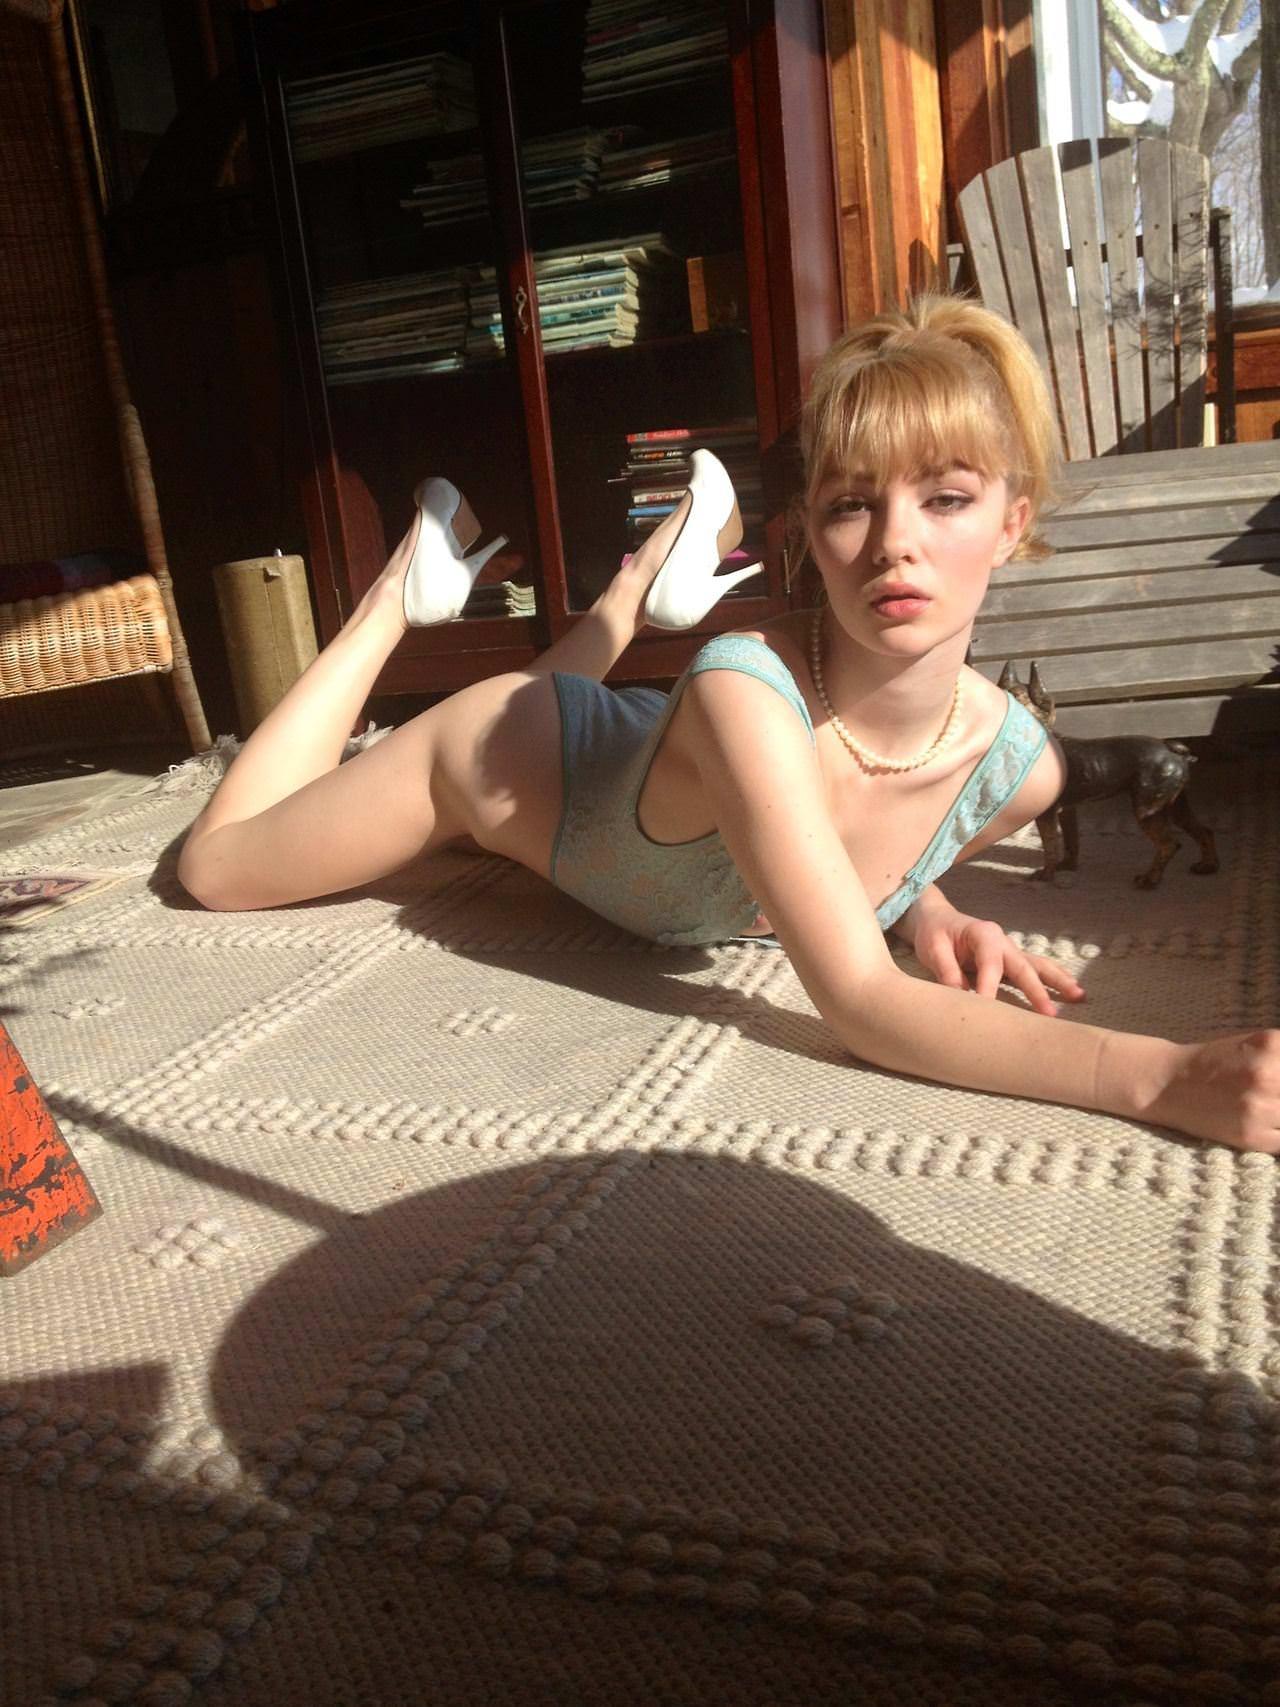 【外人】プロ写真家ジョナサン·レダーによって撮影されたノスタルジックなヌードポルノ画像 3229